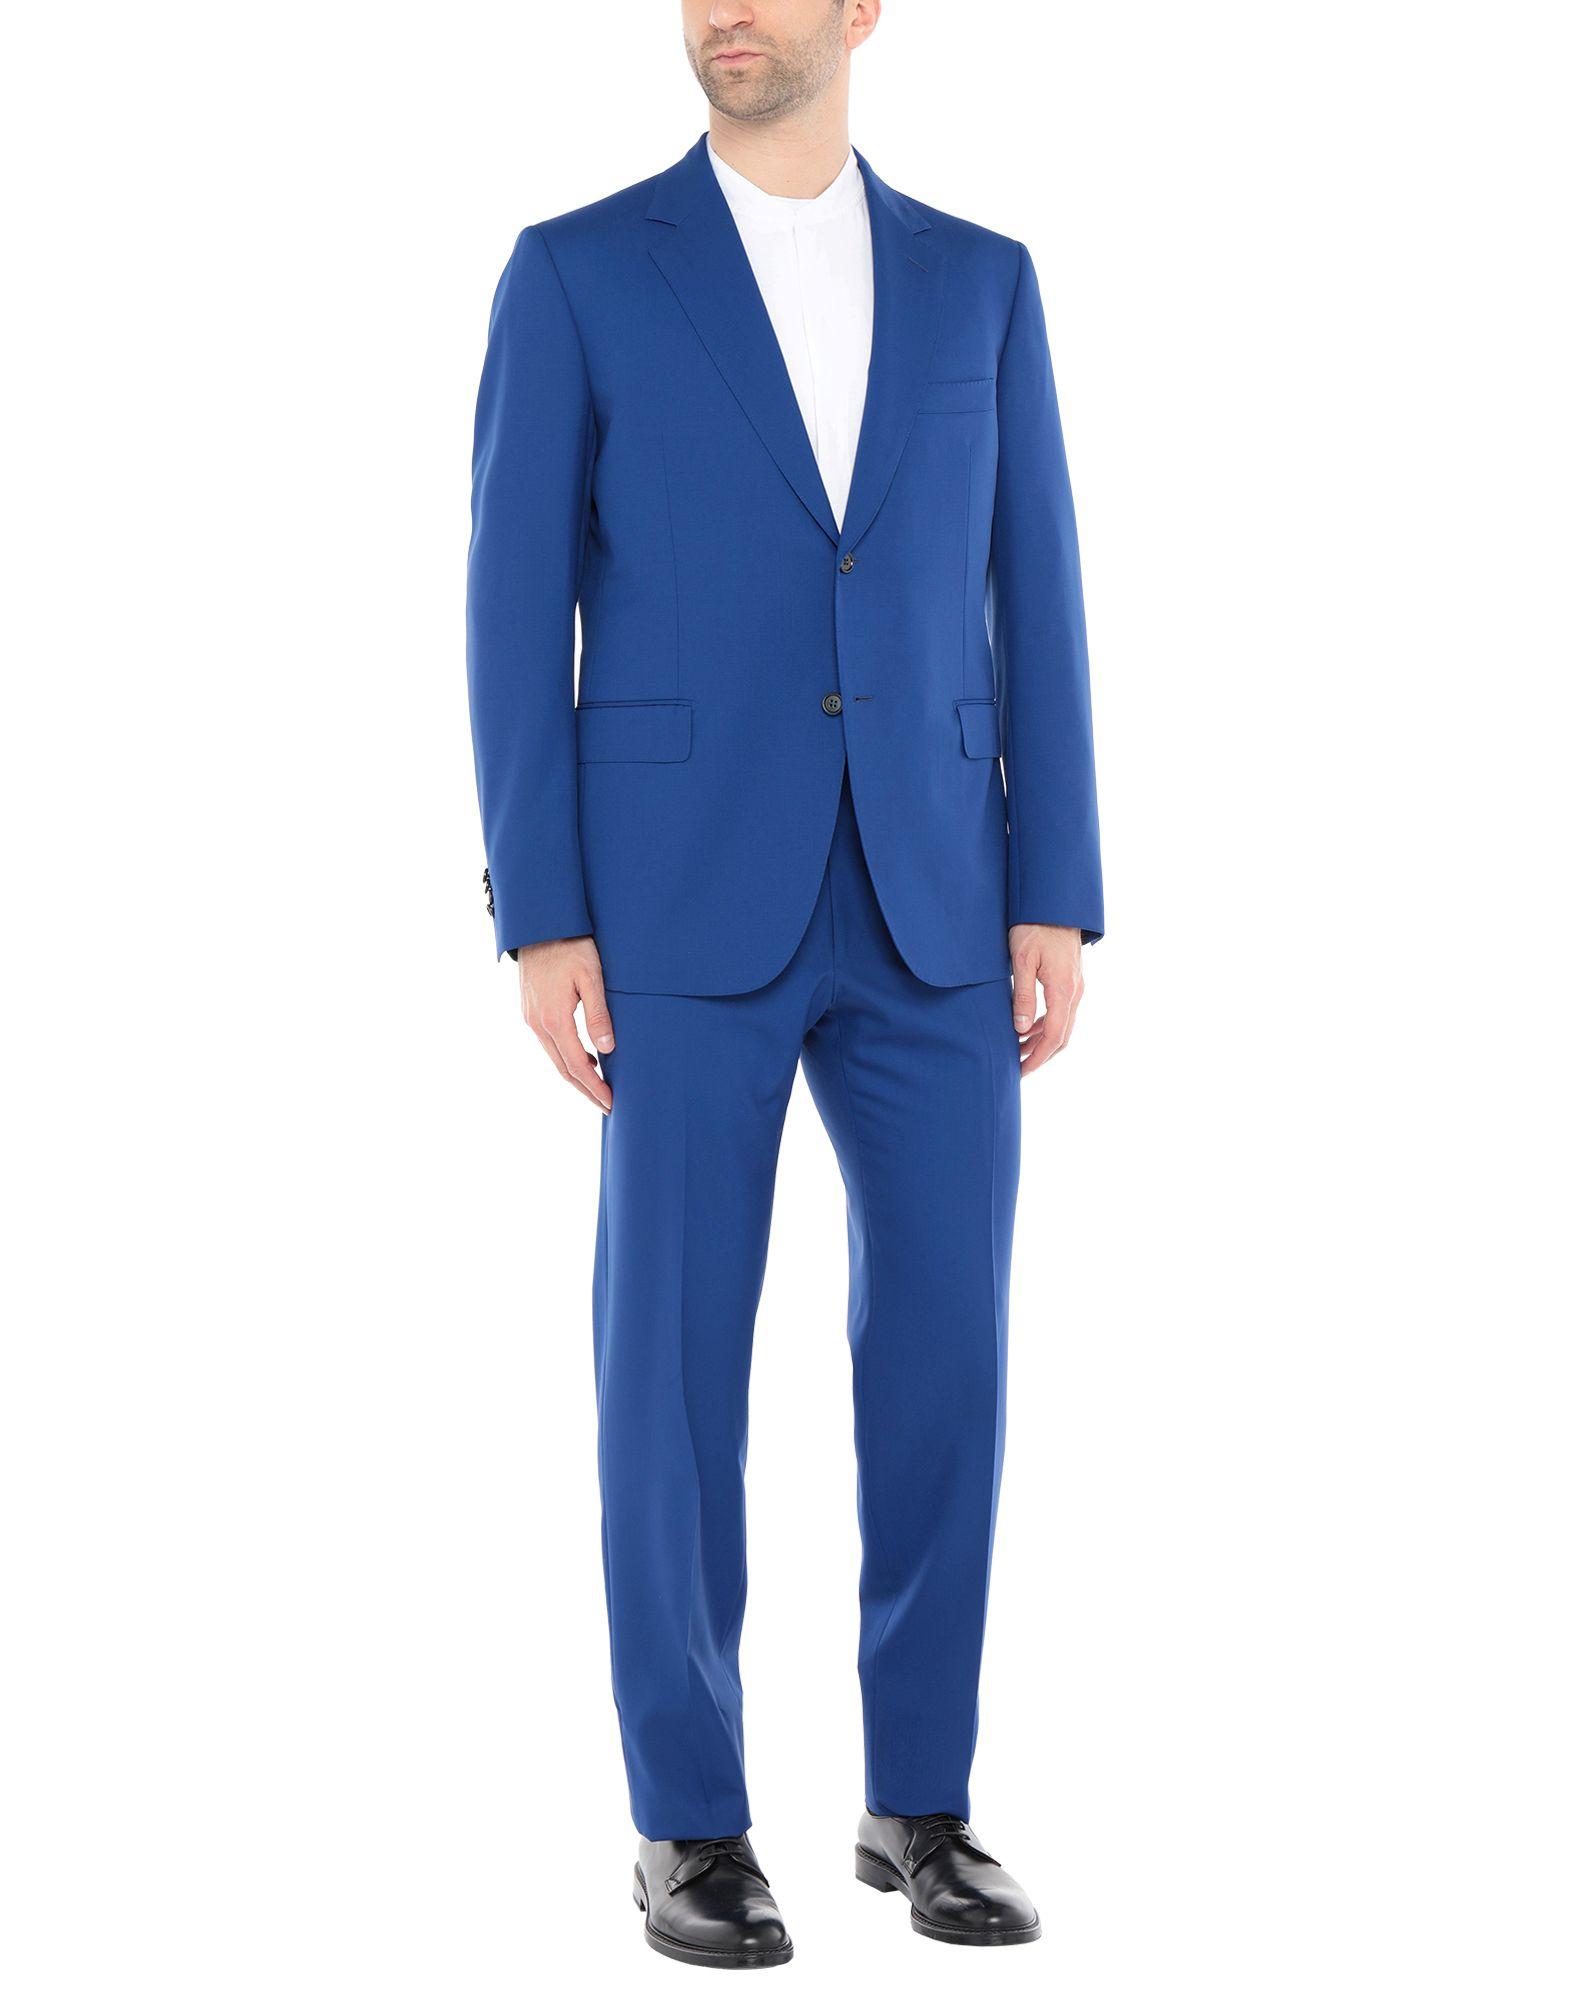 《送料無料》SARTORIA CASTANGIA メンズ スーツ ブルー 44 スーパー120 ウール 100%